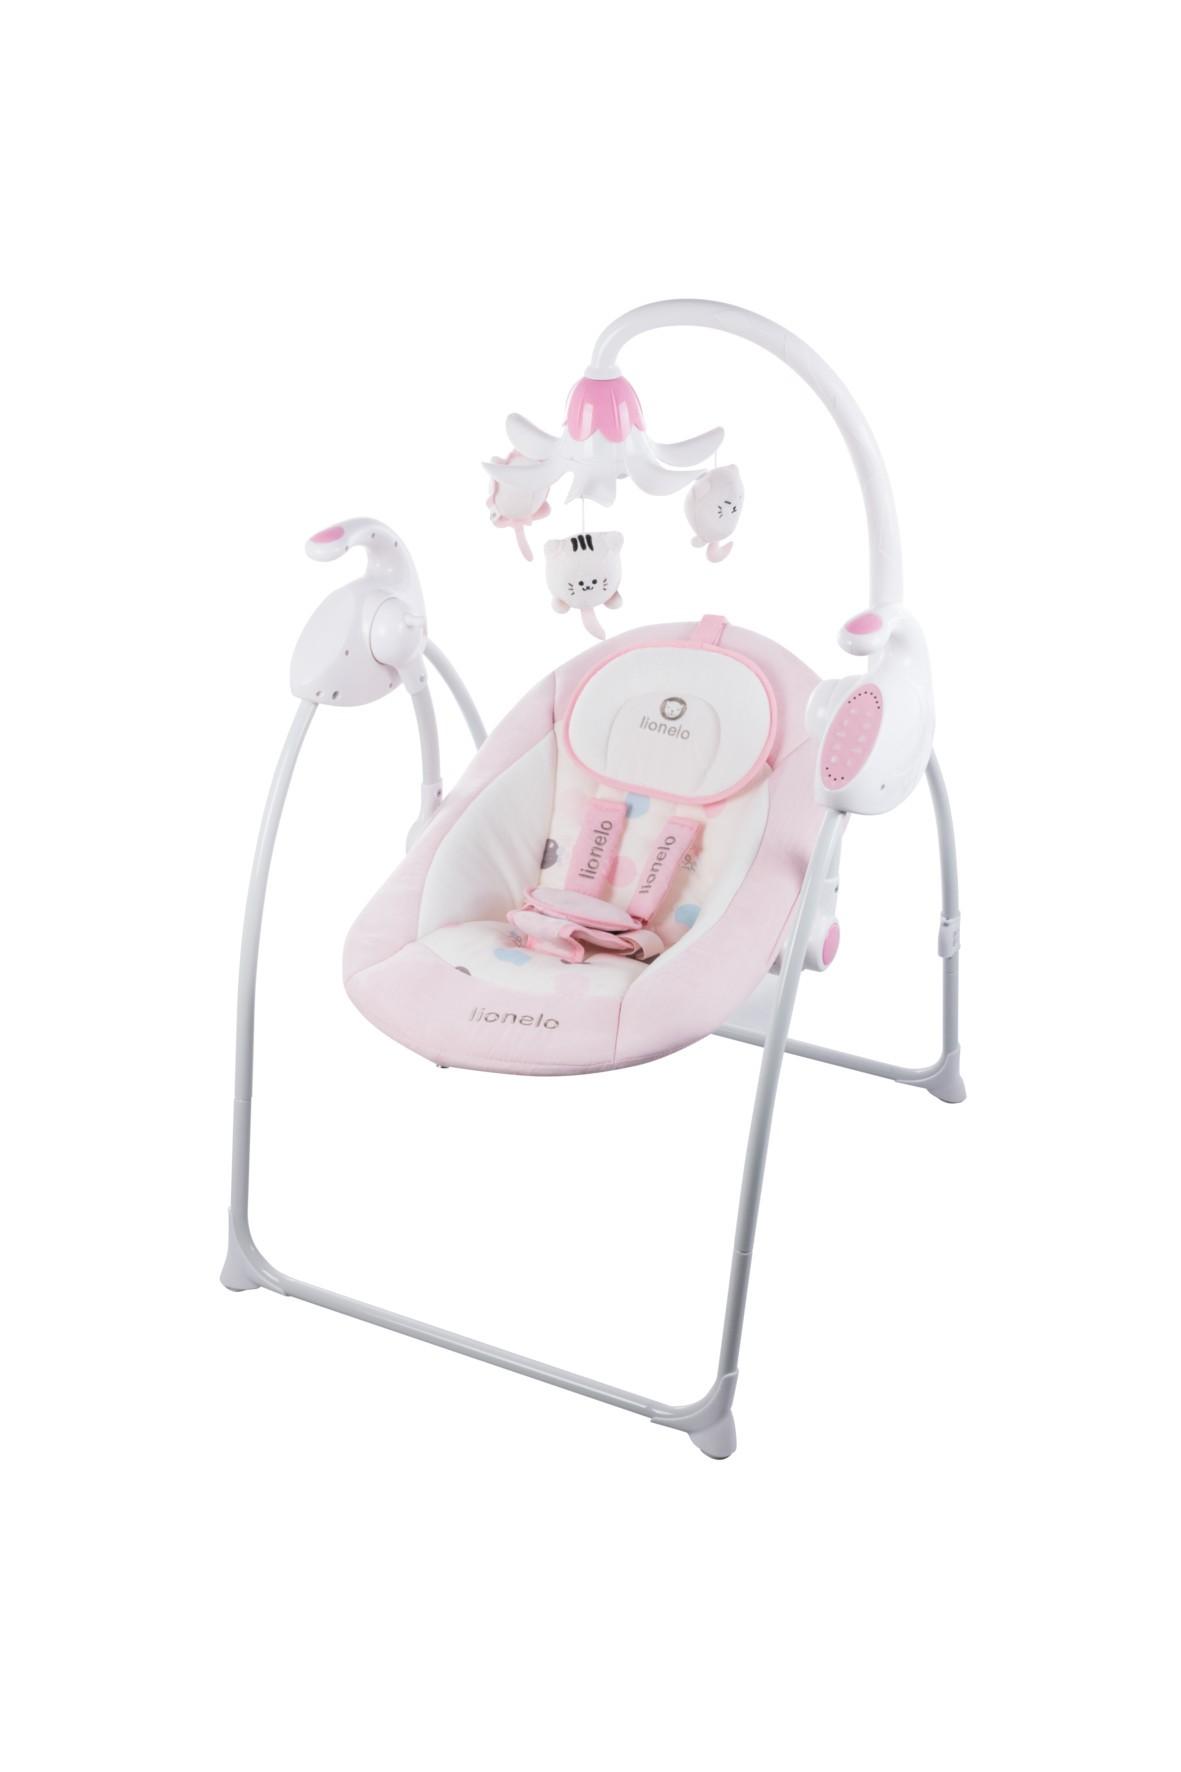 Bujaczek niemowlęcy Lionelo- różowy